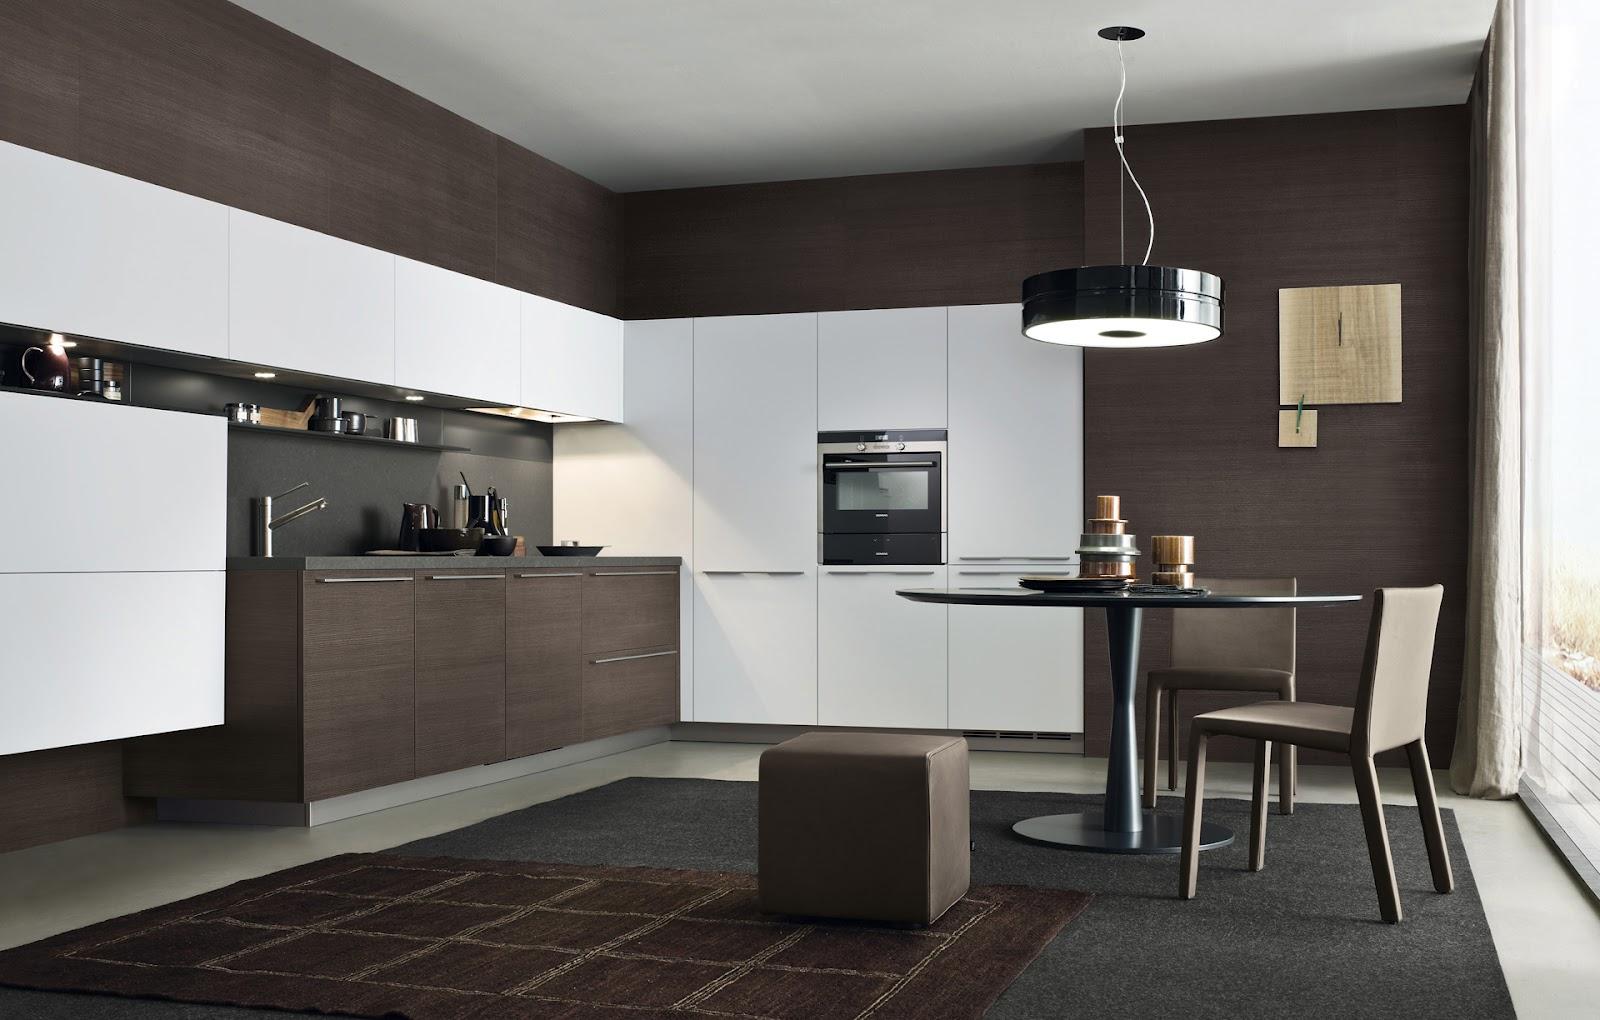 Los complejos rincones de la cocina cocinas con estilo - Varenna cucine prezzi ...